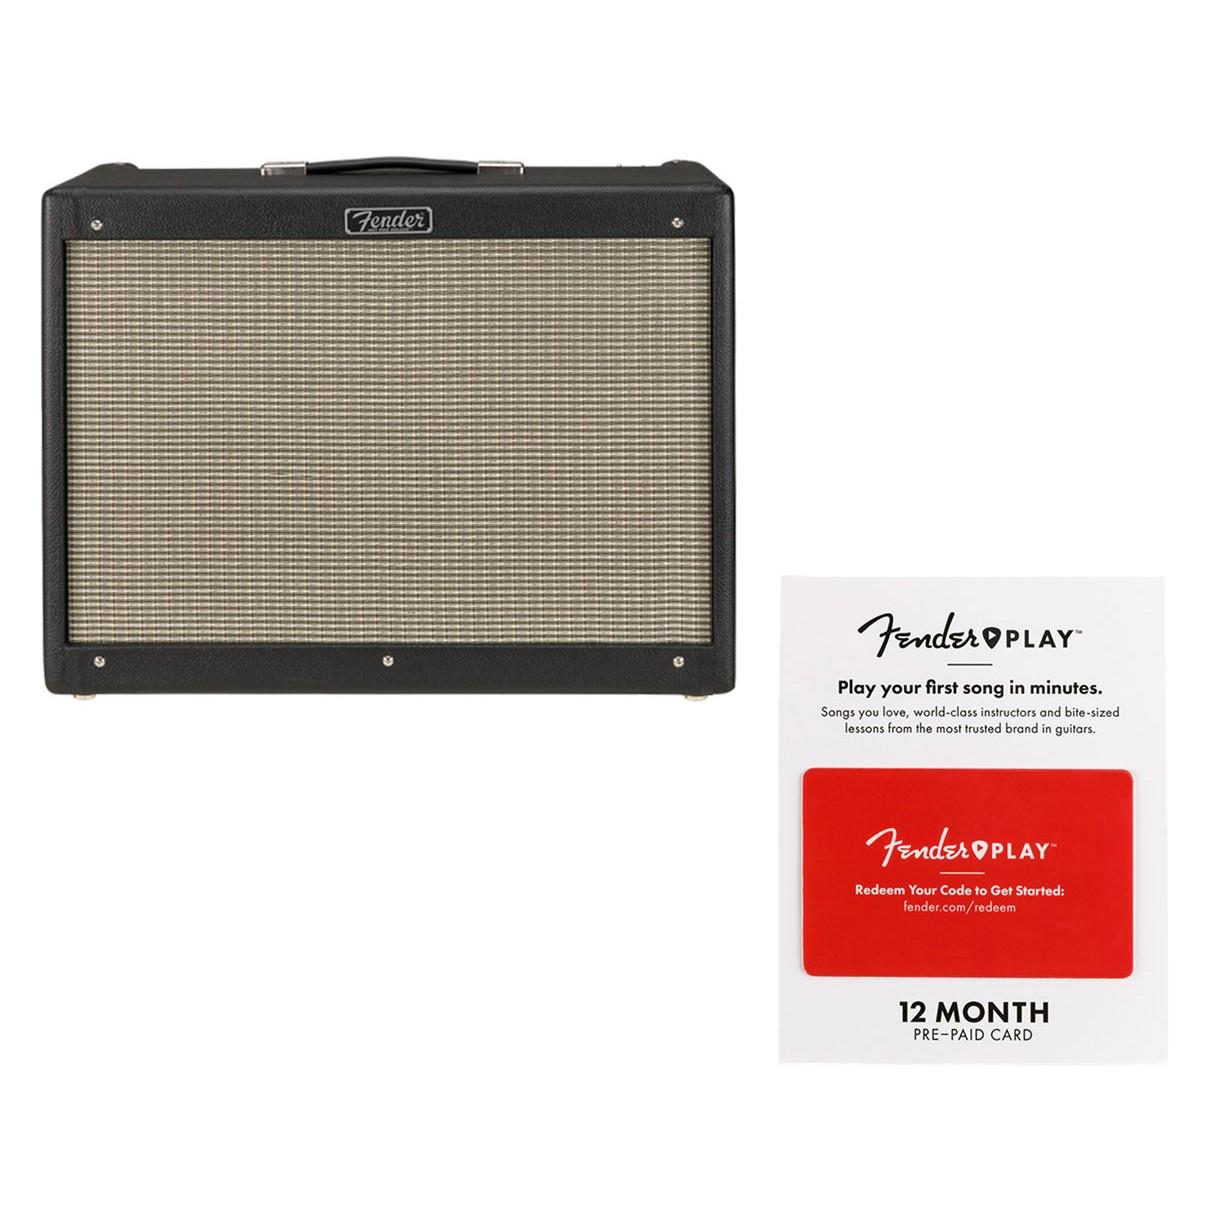 fender hot rod deluxe iv black fender play 12 month card. Black Bedroom Furniture Sets. Home Design Ideas